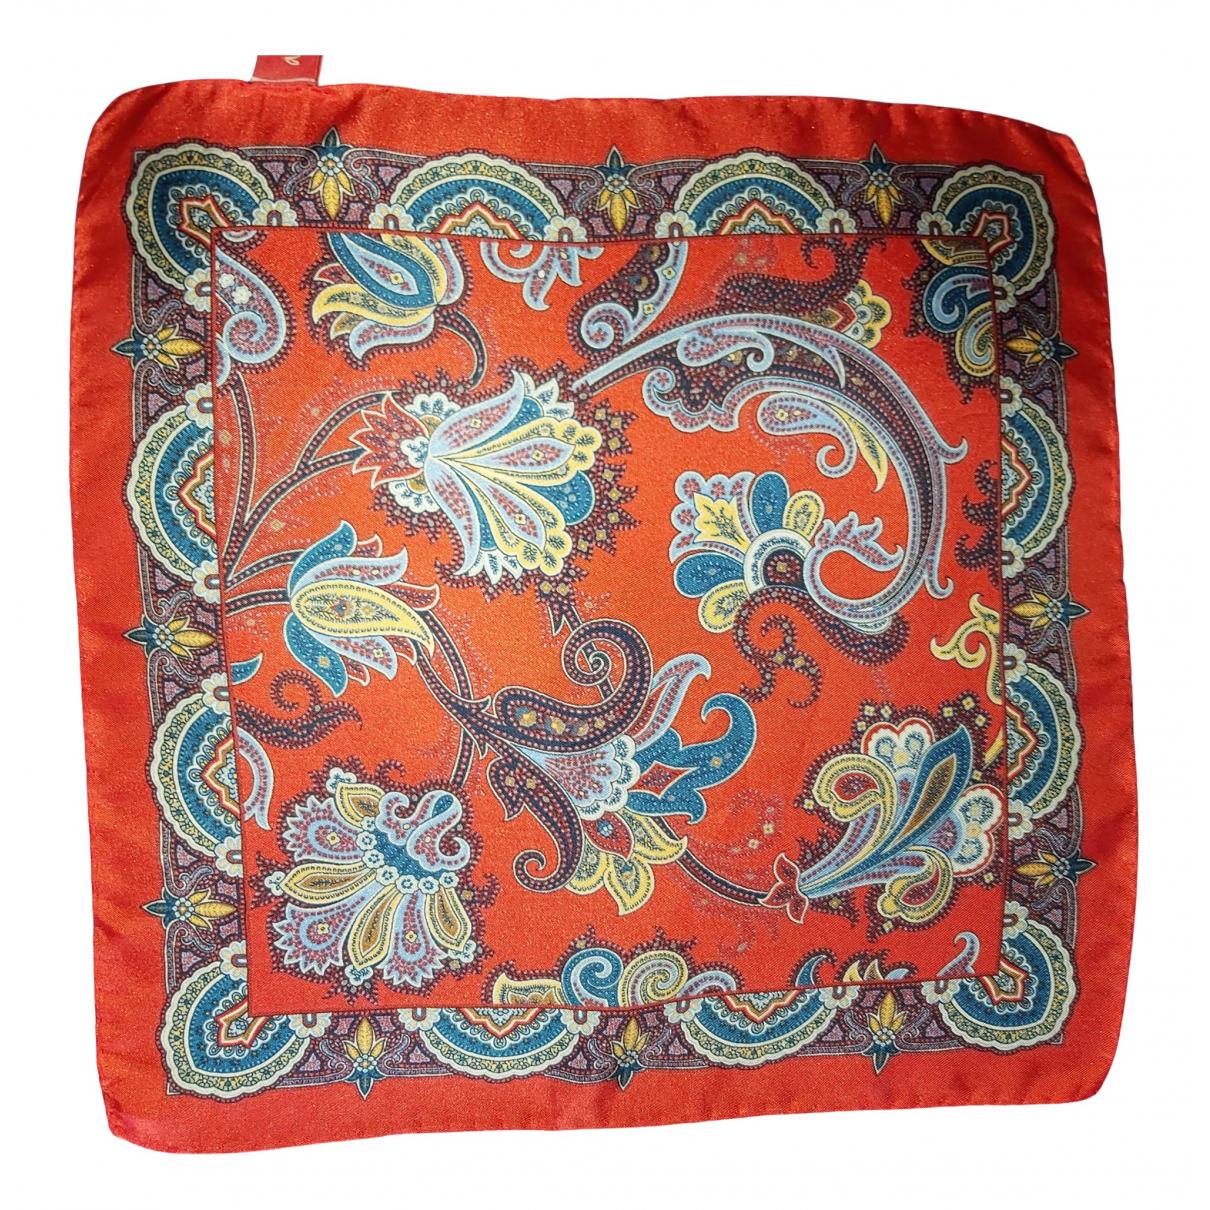 Altea \N Silk scarf & pocket squares for Men \N